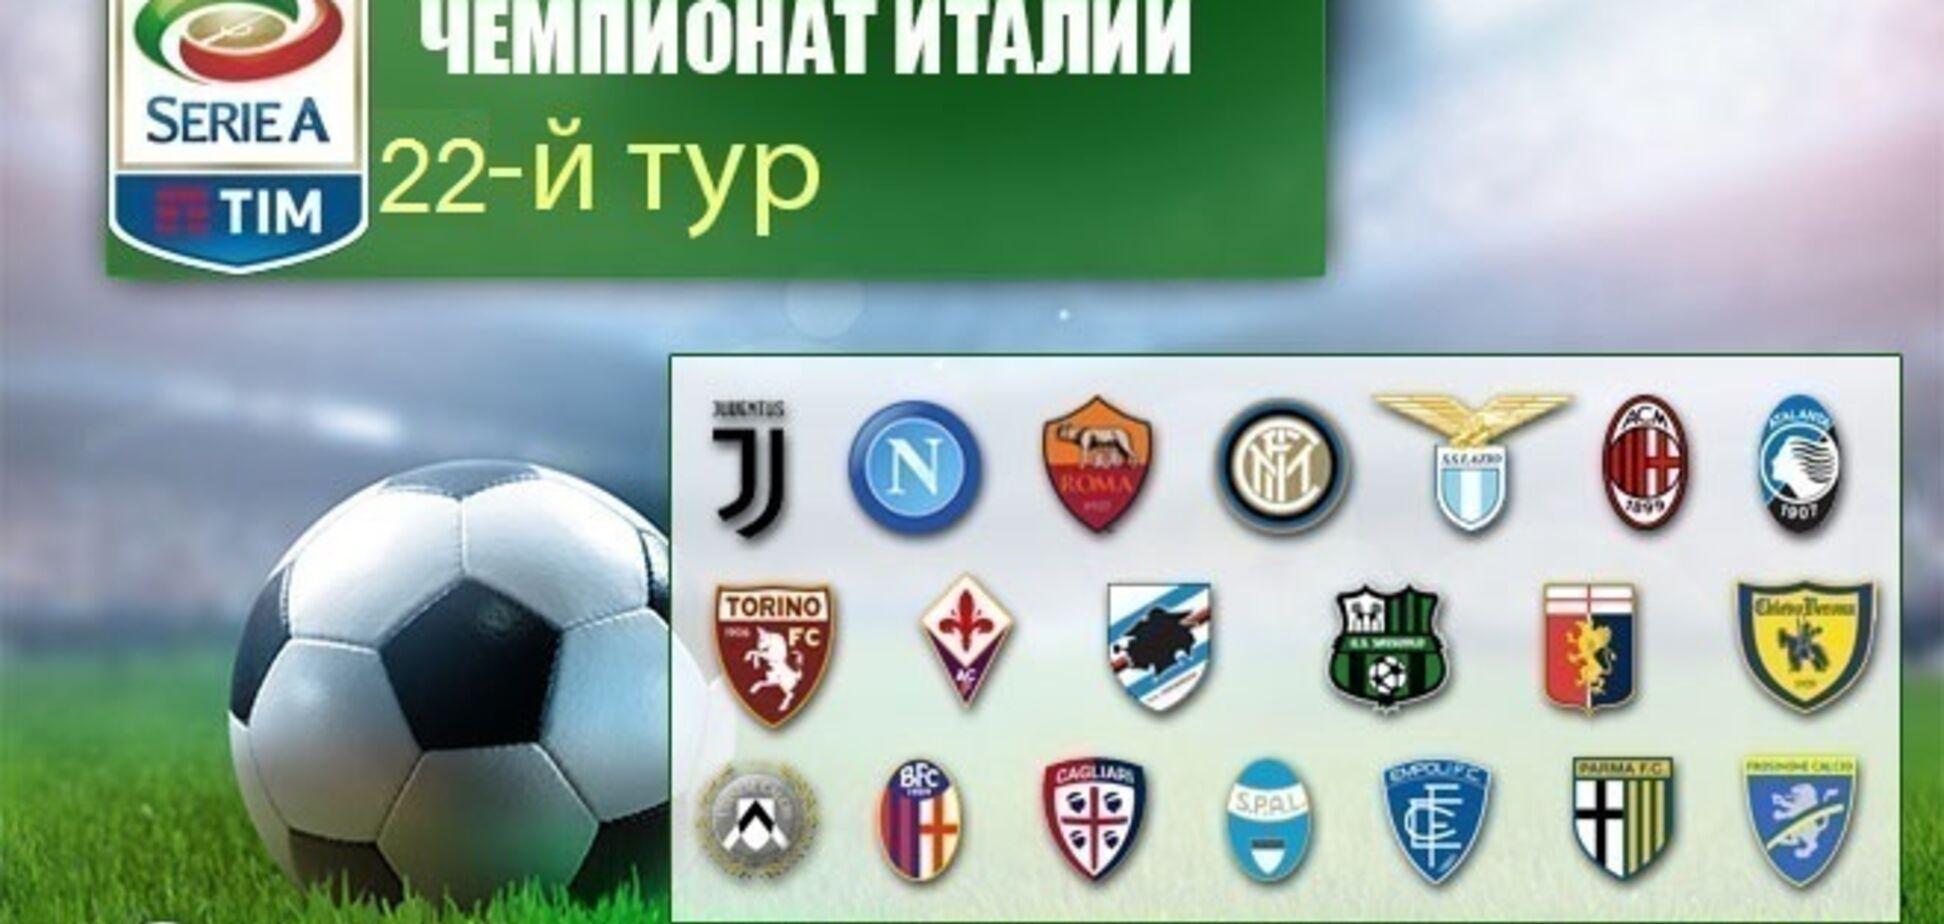 22-й тур чемпионата Италии по футболу: результаты, расписание и где смотреть